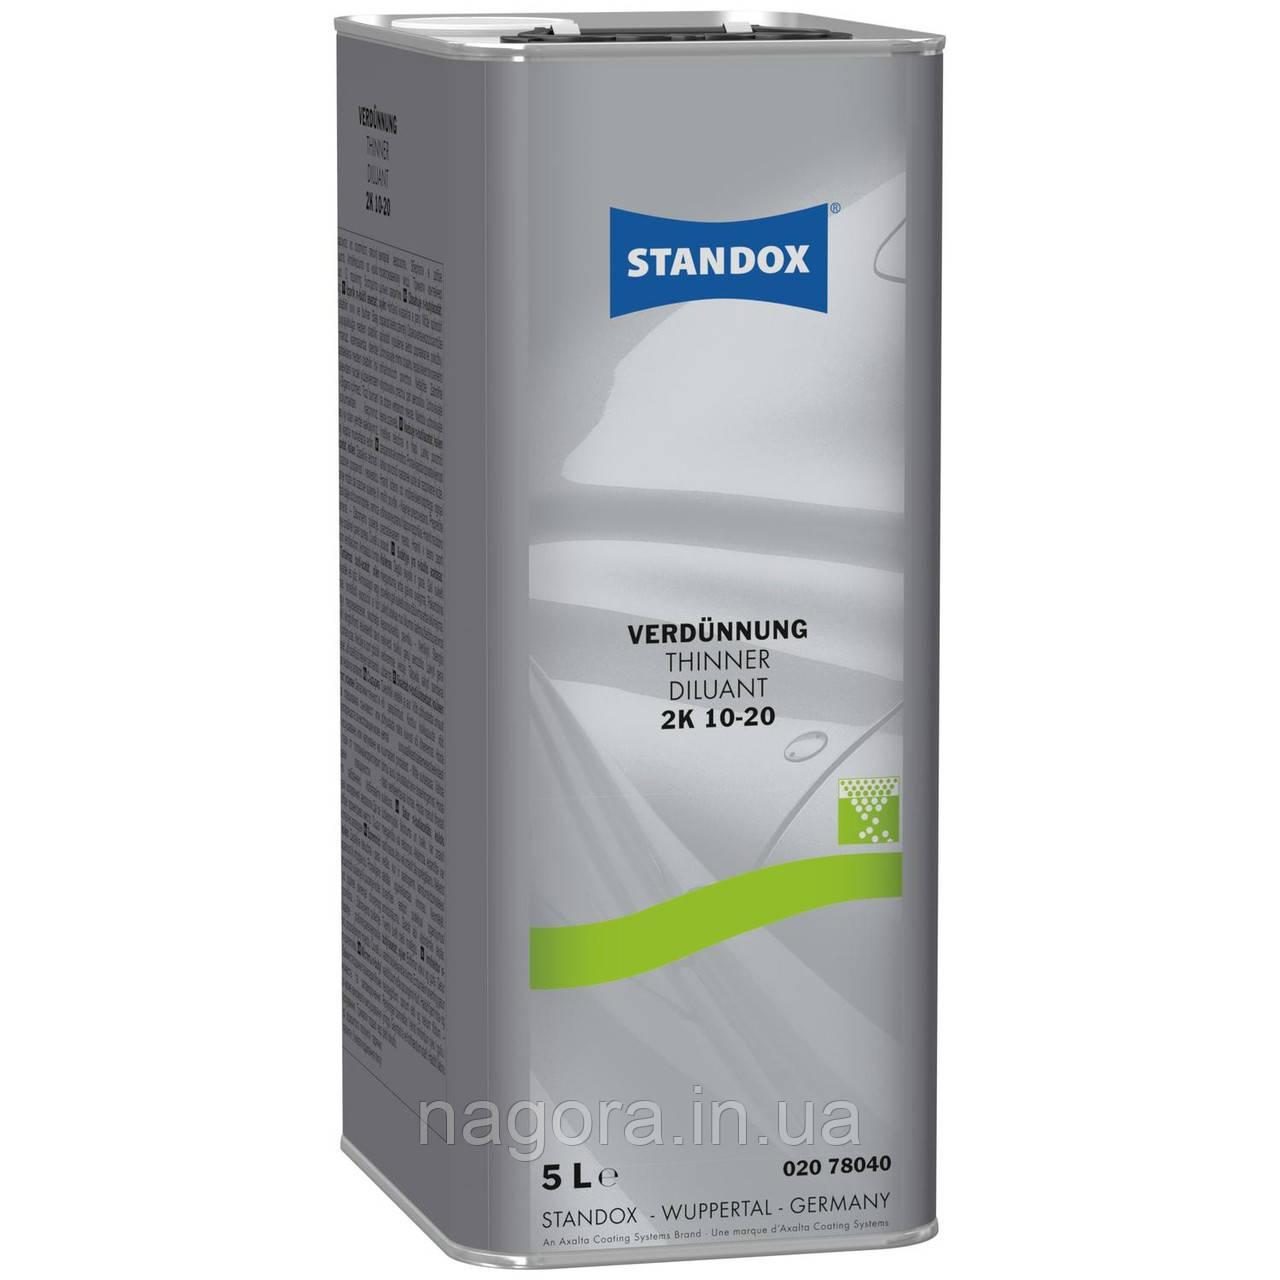 Разбавитель для 2K материалов STANDOX 2K 10-20  (5л)